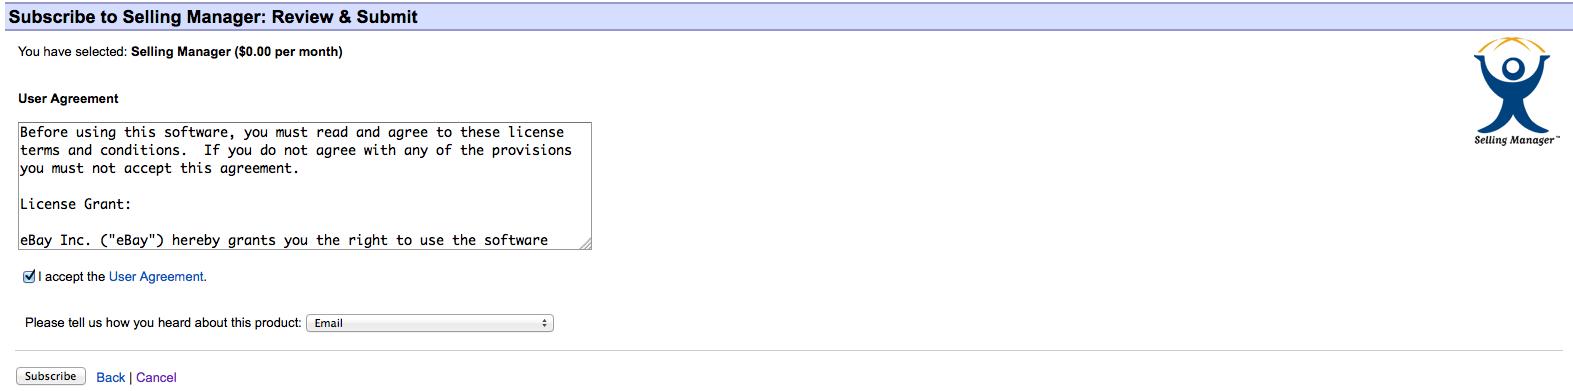 スクリーンショット 2013-12-08 13.11.33